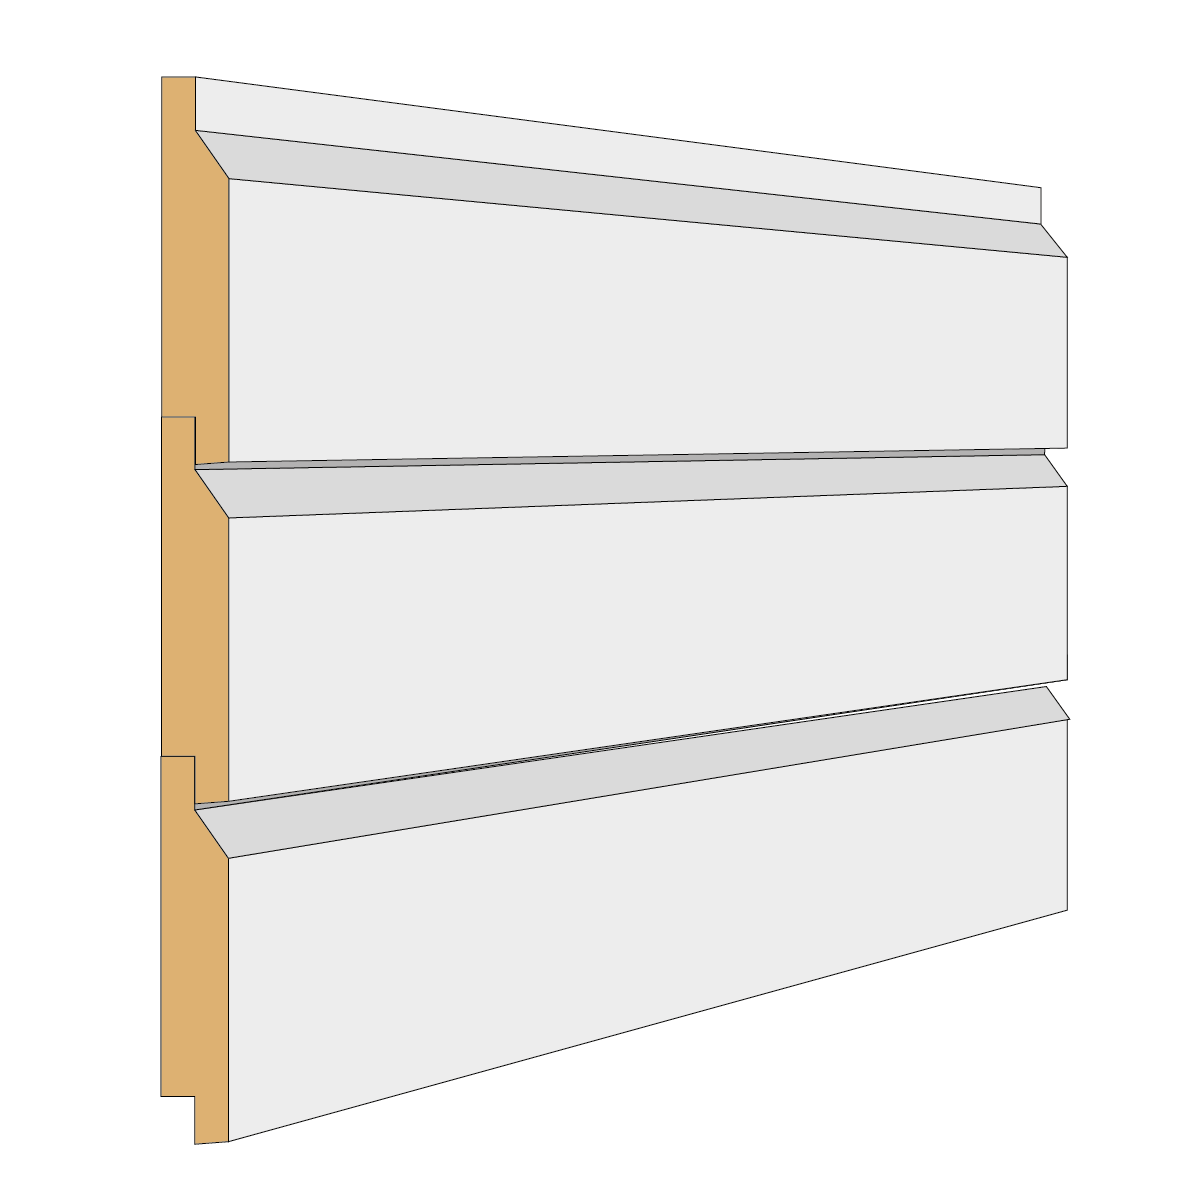 Falsad enkelfas exempel Bygg & Trä